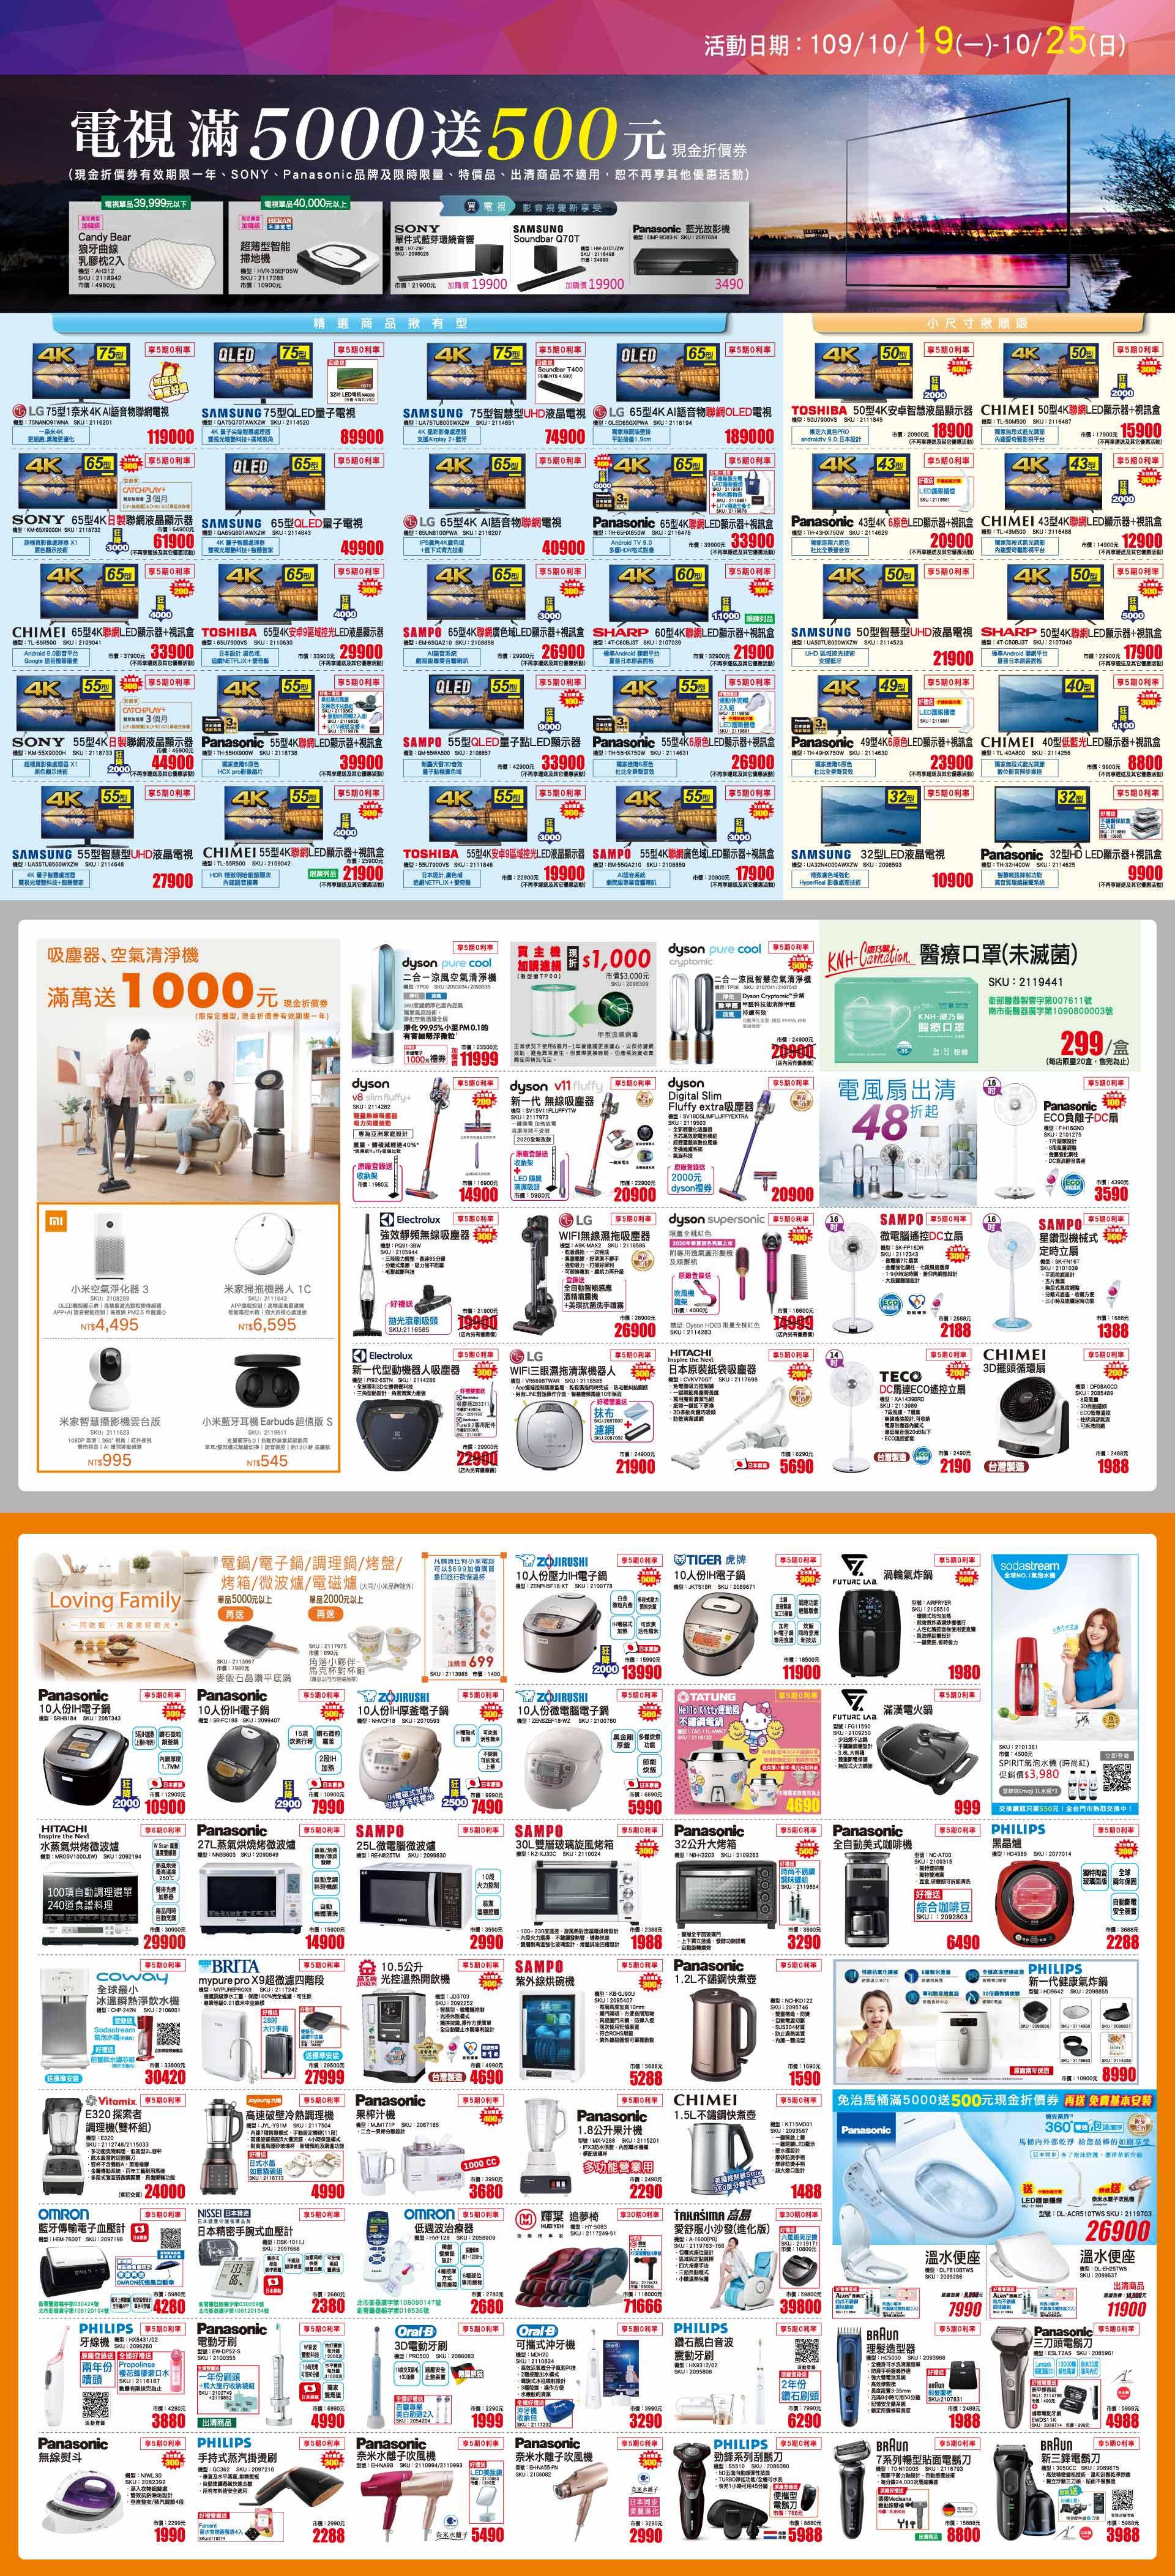 全國電子 當期 DM》活動日期:109/10/19(一)~10/25(日) 【2020/10/25 止】